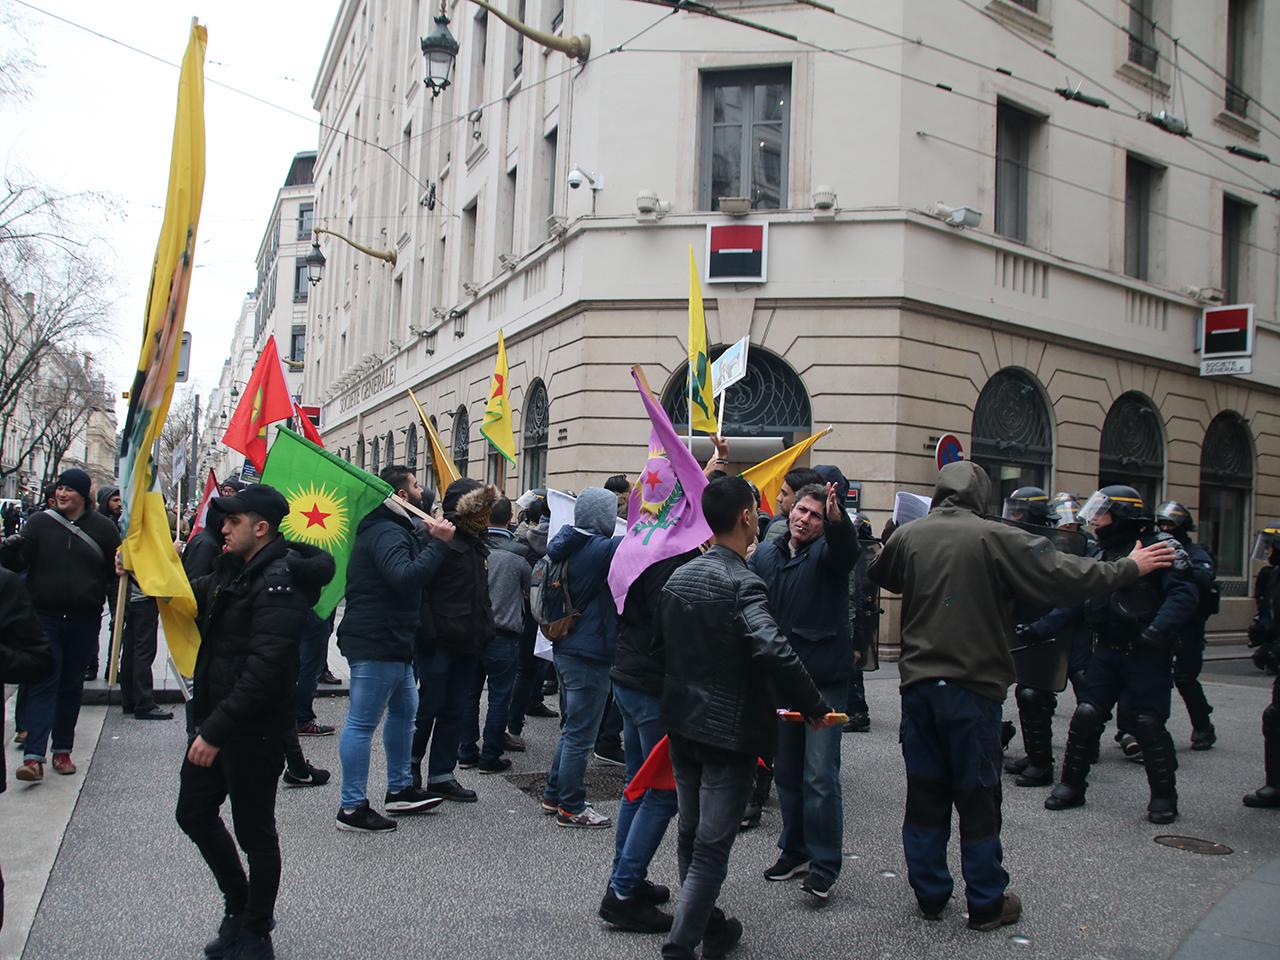 Les forces de l'ordre ont empêché la manifestation de dégénérer - LyonMag